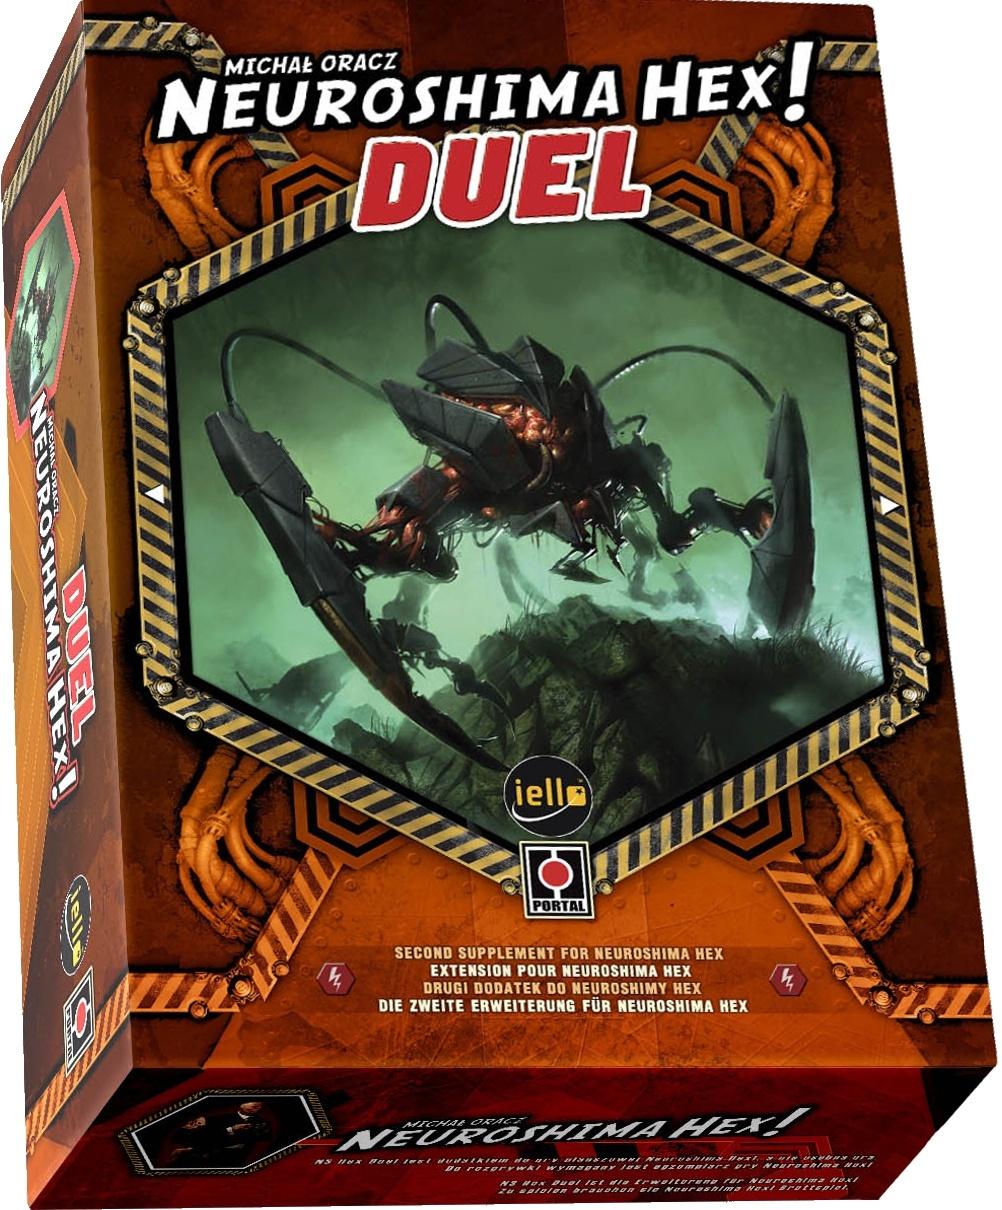 Gra planszowa Neuroshima HEX: Duel (edycja 2.5, samodzielny dodatek) @ Rebel.pl